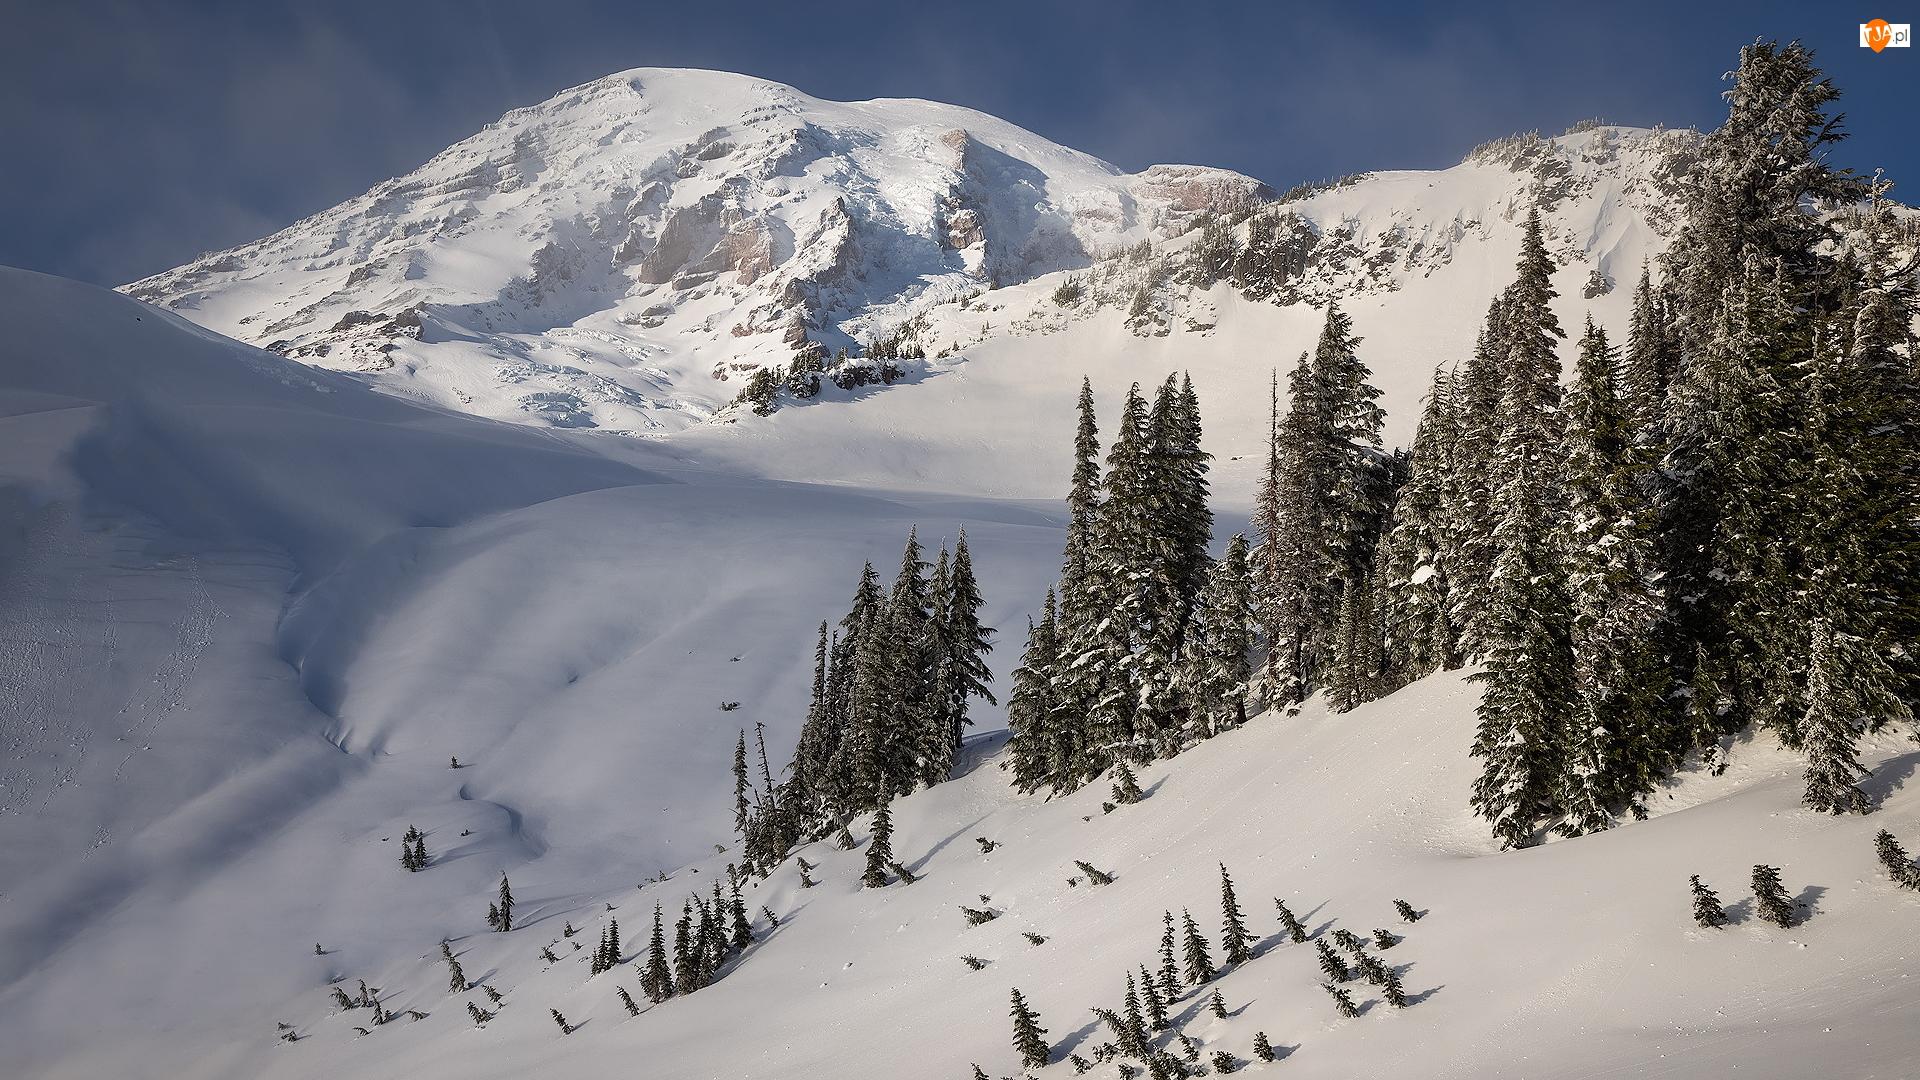 Park Narodowy Mount Rainier, Zima, Mount Rainier, Stan Waszyngton, Góry, Drzewa, Stany Zjednoczone, Stratowulkan